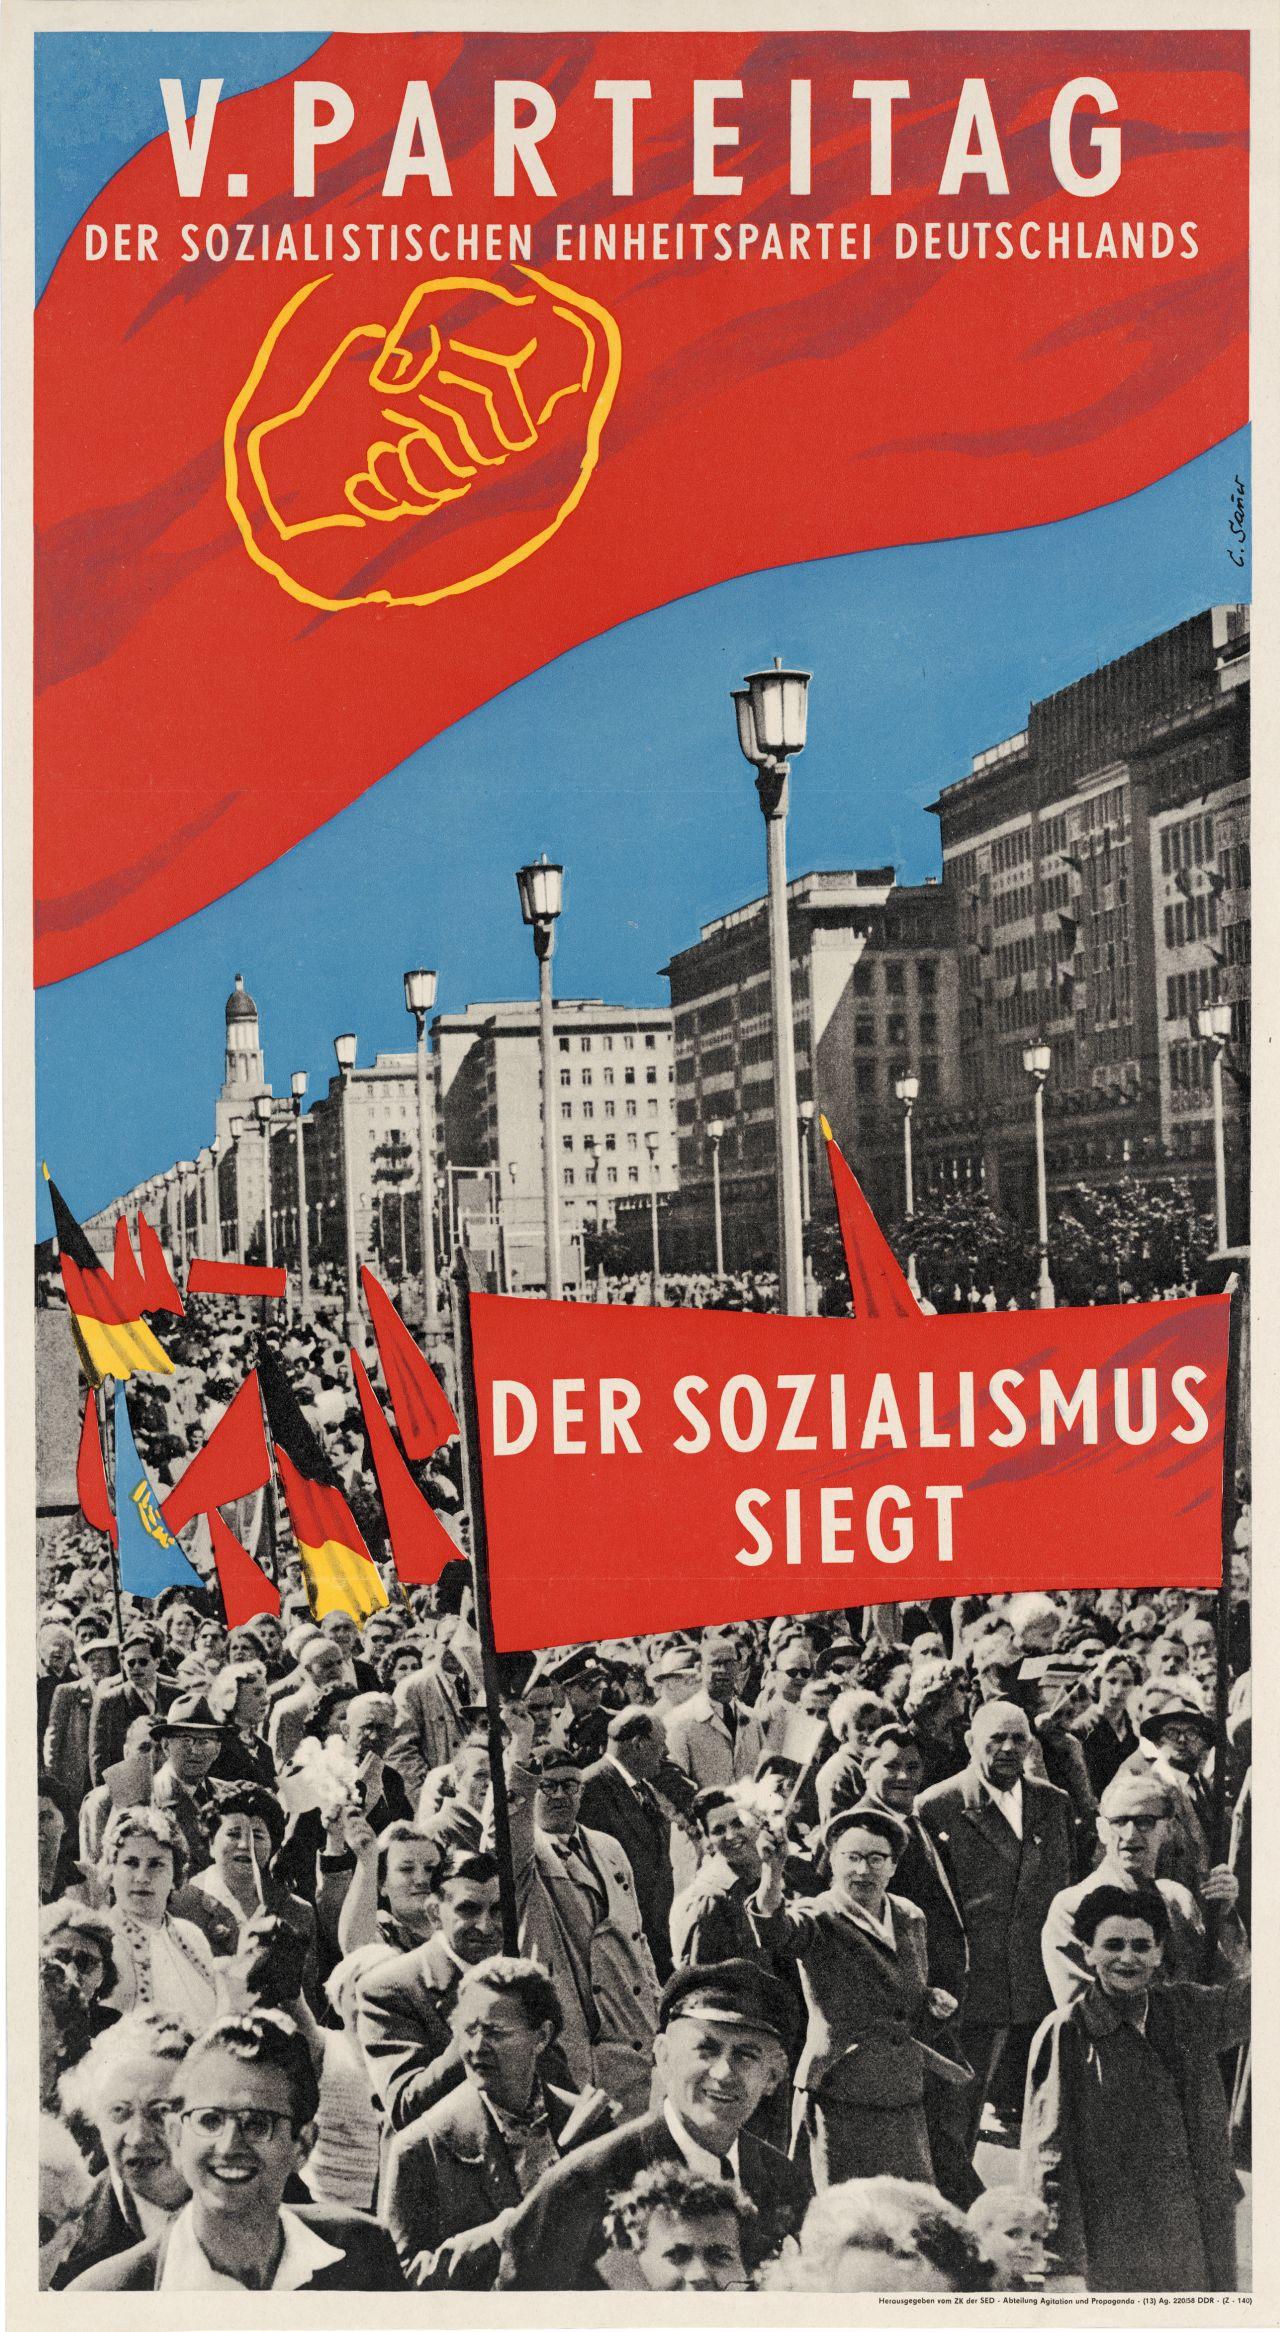 Plakat zum 5. Parteitag der SED 1958 unter der Losung 'Der Sozialismus siegt'